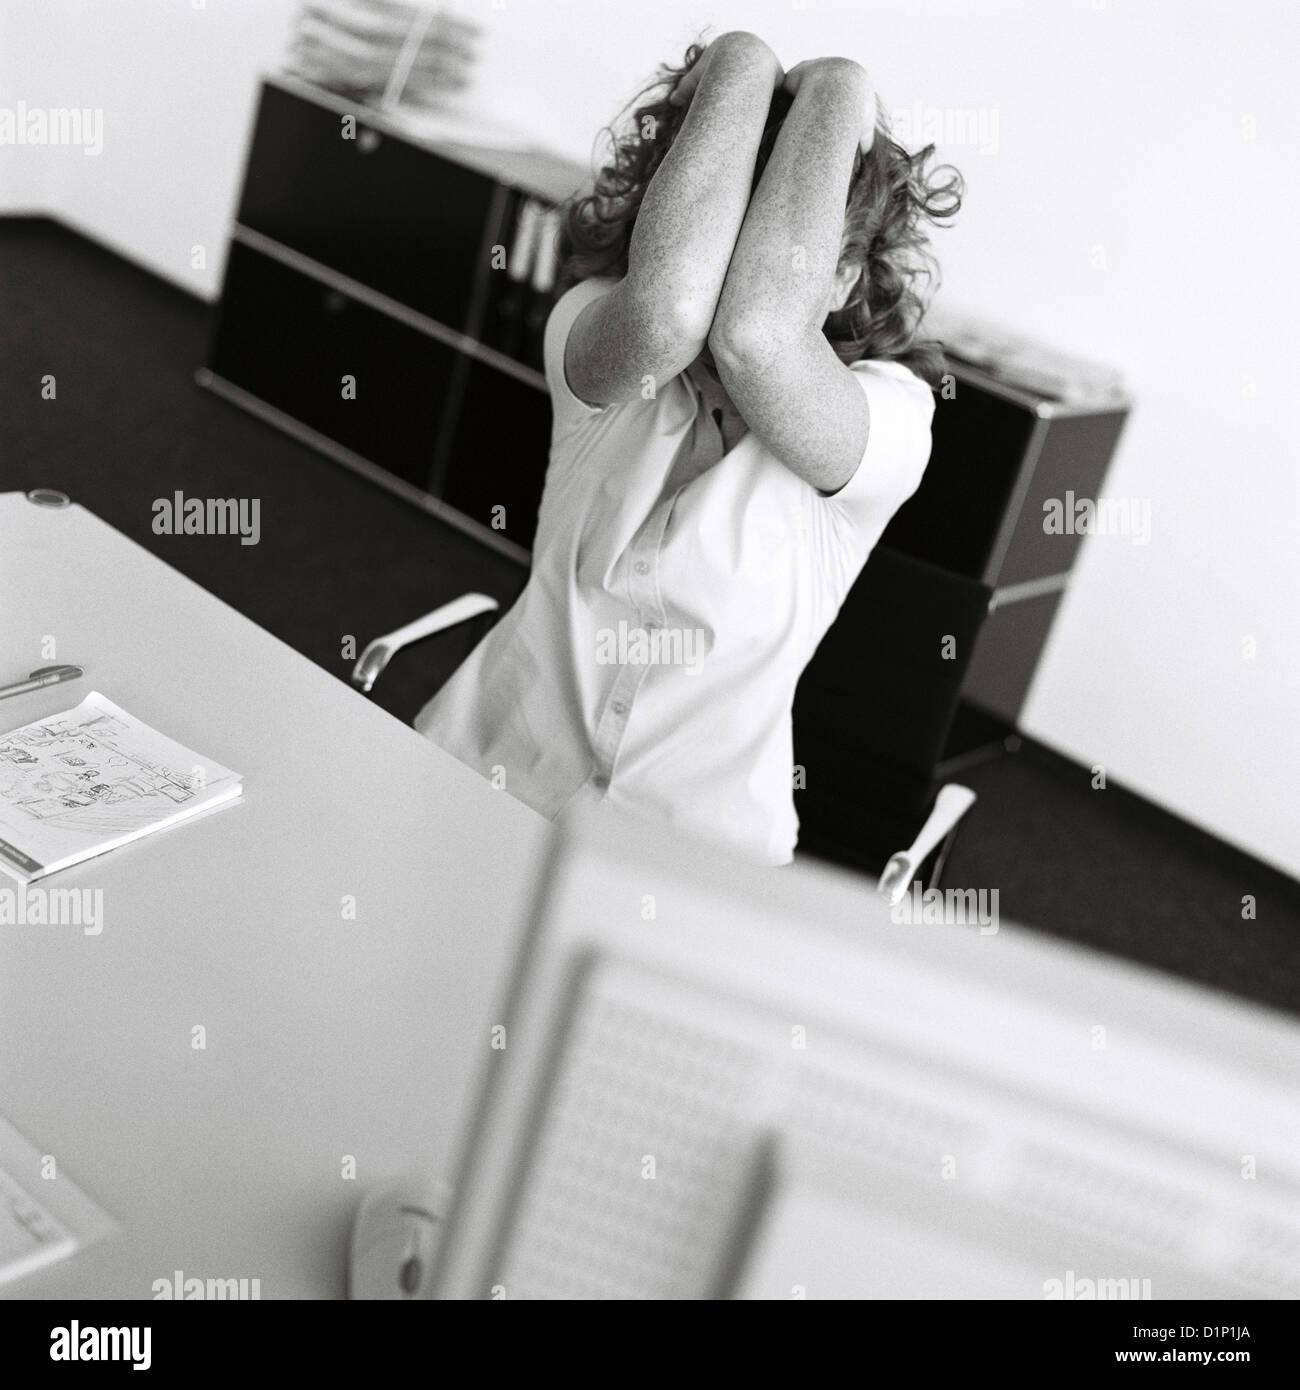 Black And White Business Manager Frust Stress Geschäftsfrau betont lizenzfrei außer anzeigen und Plakate Stockbild